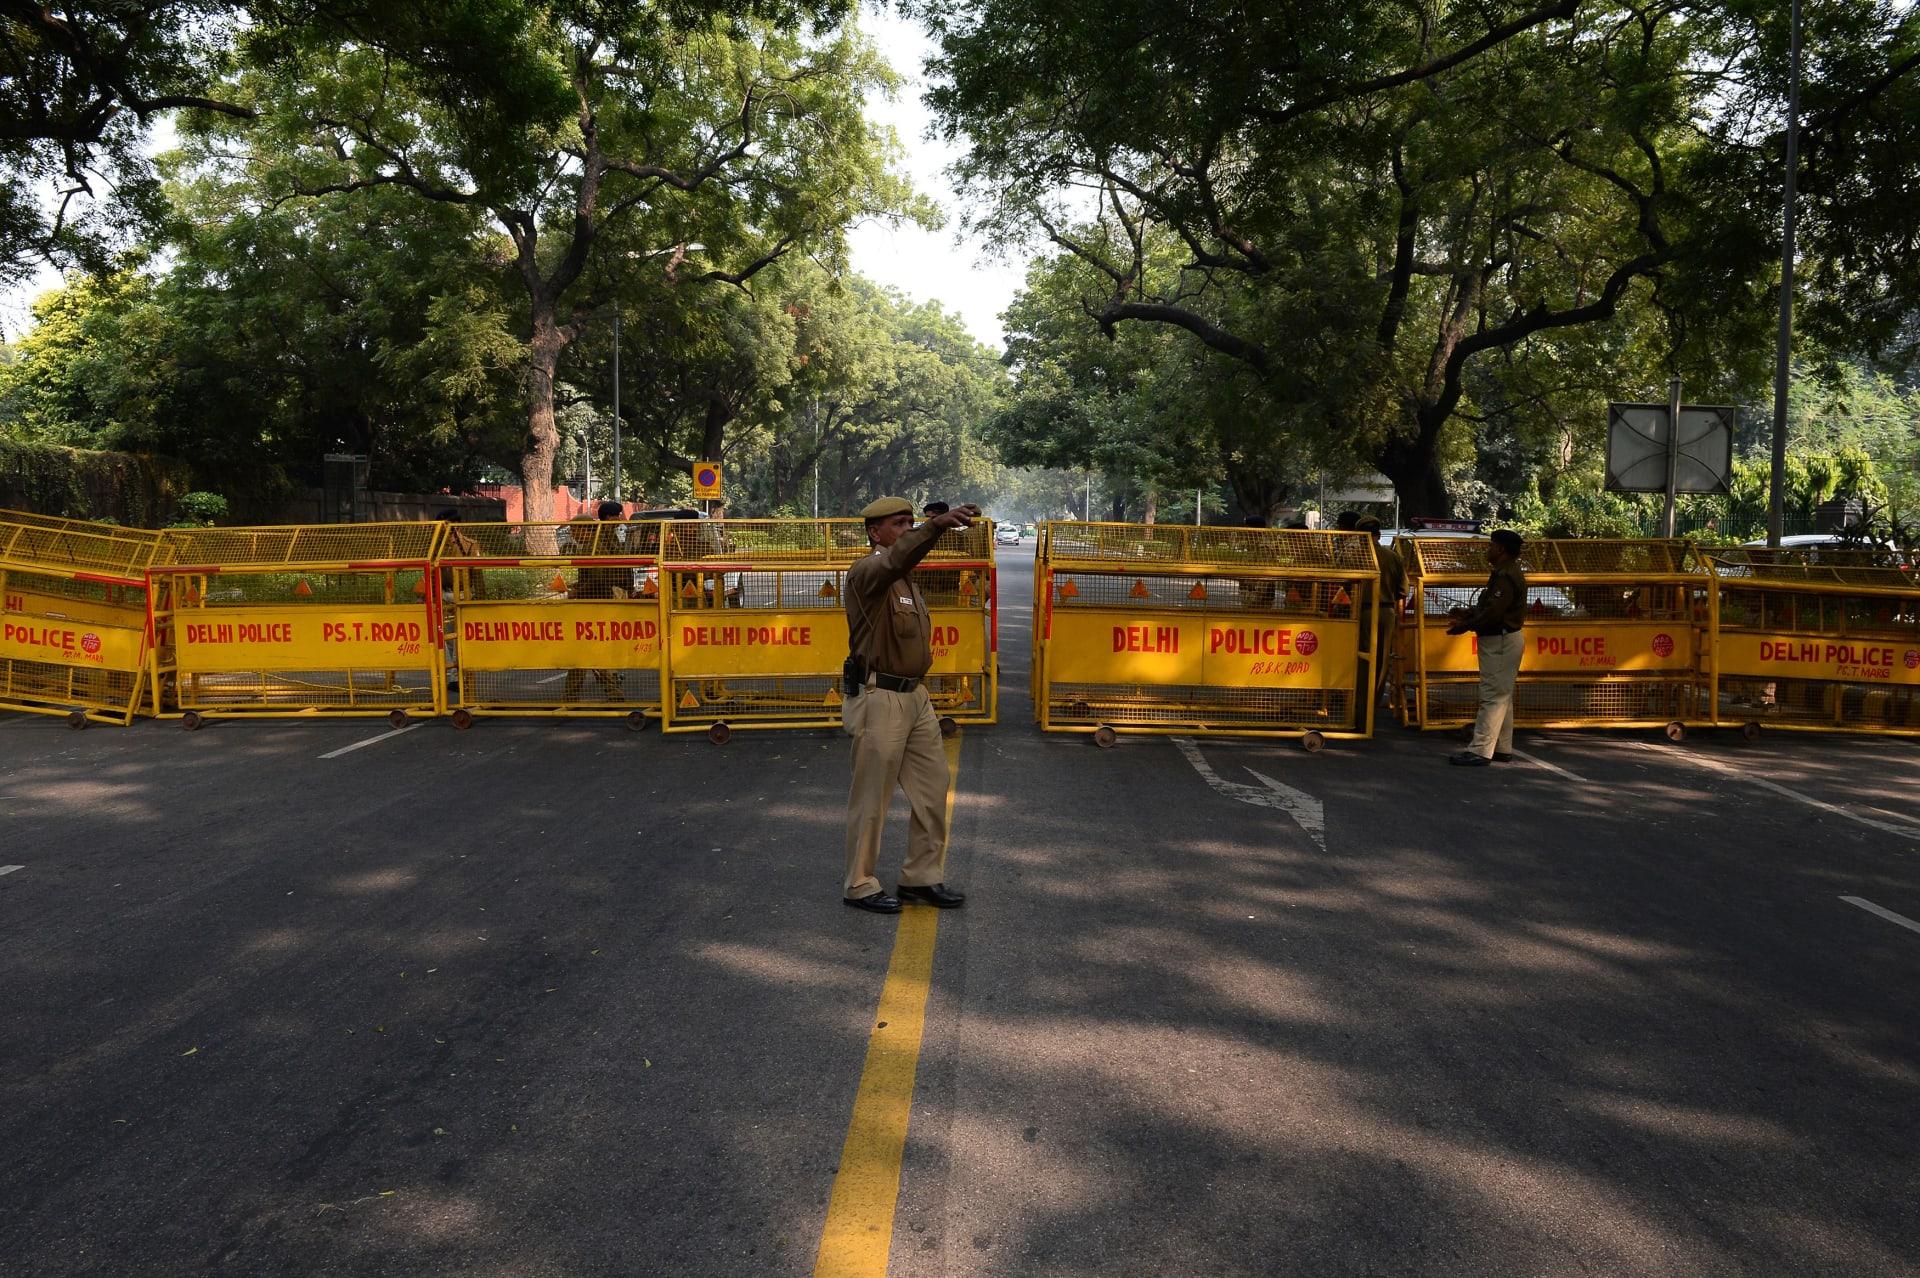 الهند: انفجار عبوة ناسفة قرب السفارة الإسرائيلية في نيودلهي